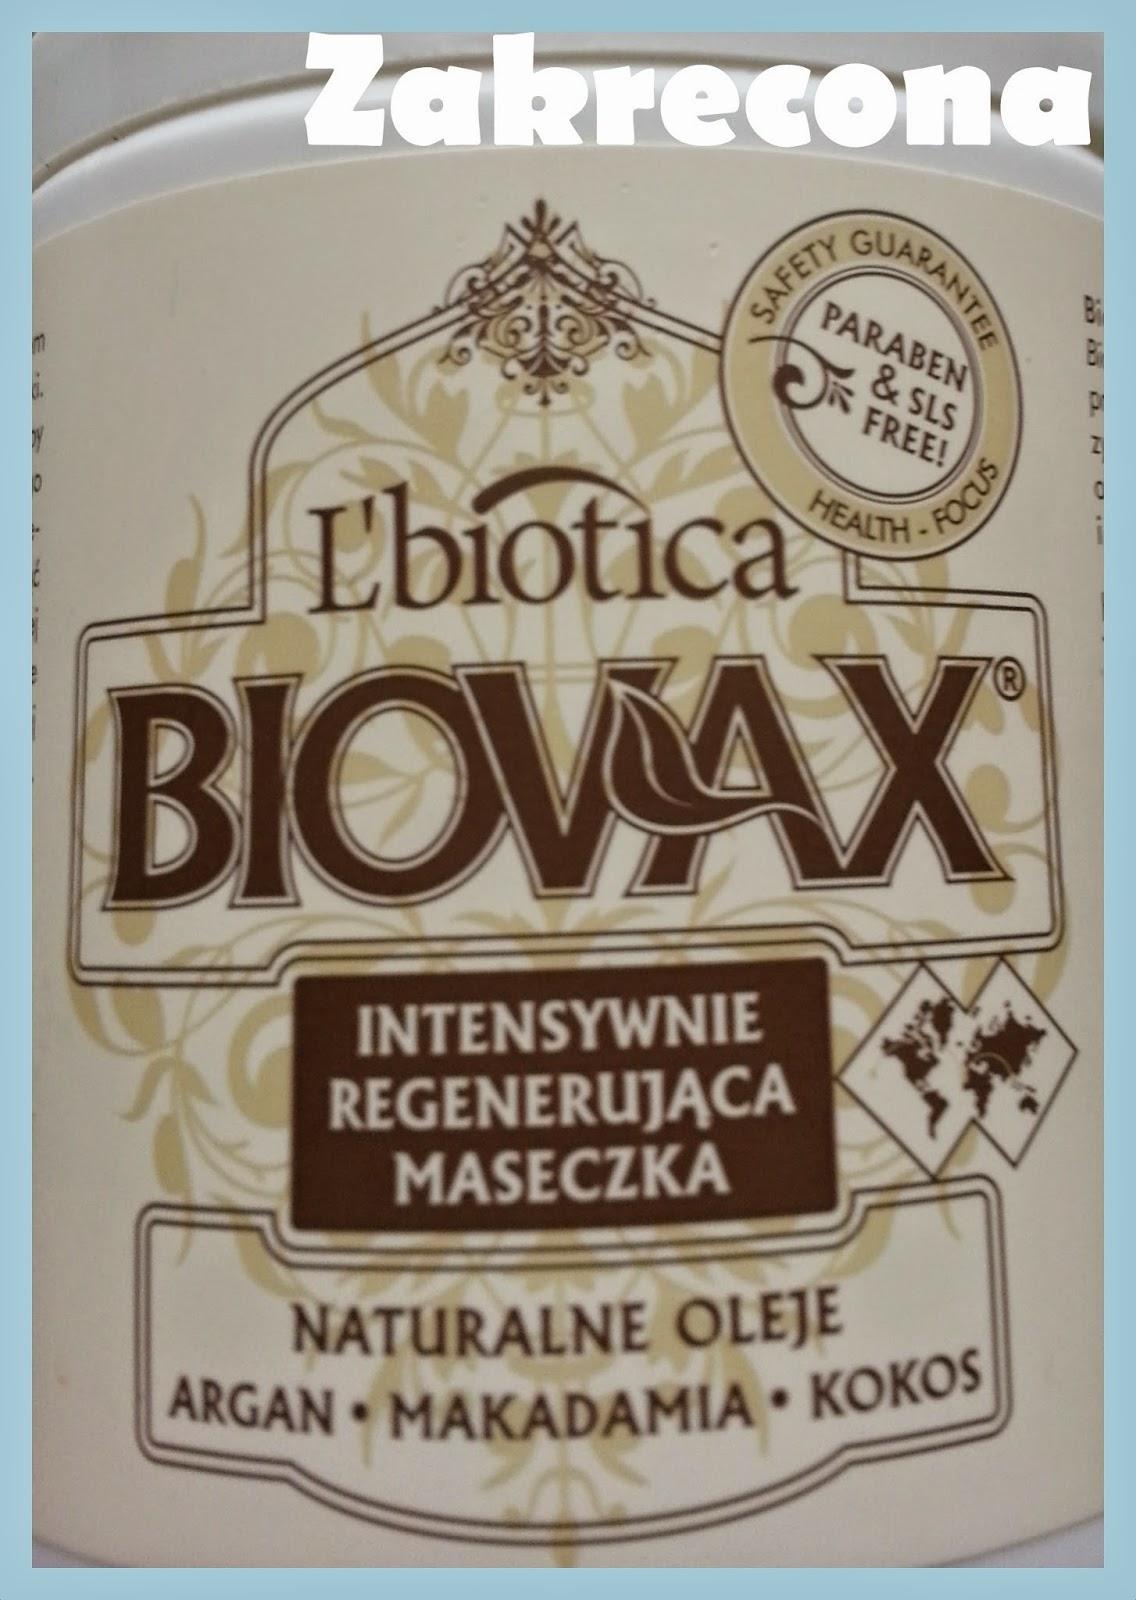 L'biotica BIOVAX naturalne oleje argan, makadamia, kokos. Intensywnie regenerująca maseczka do włosów